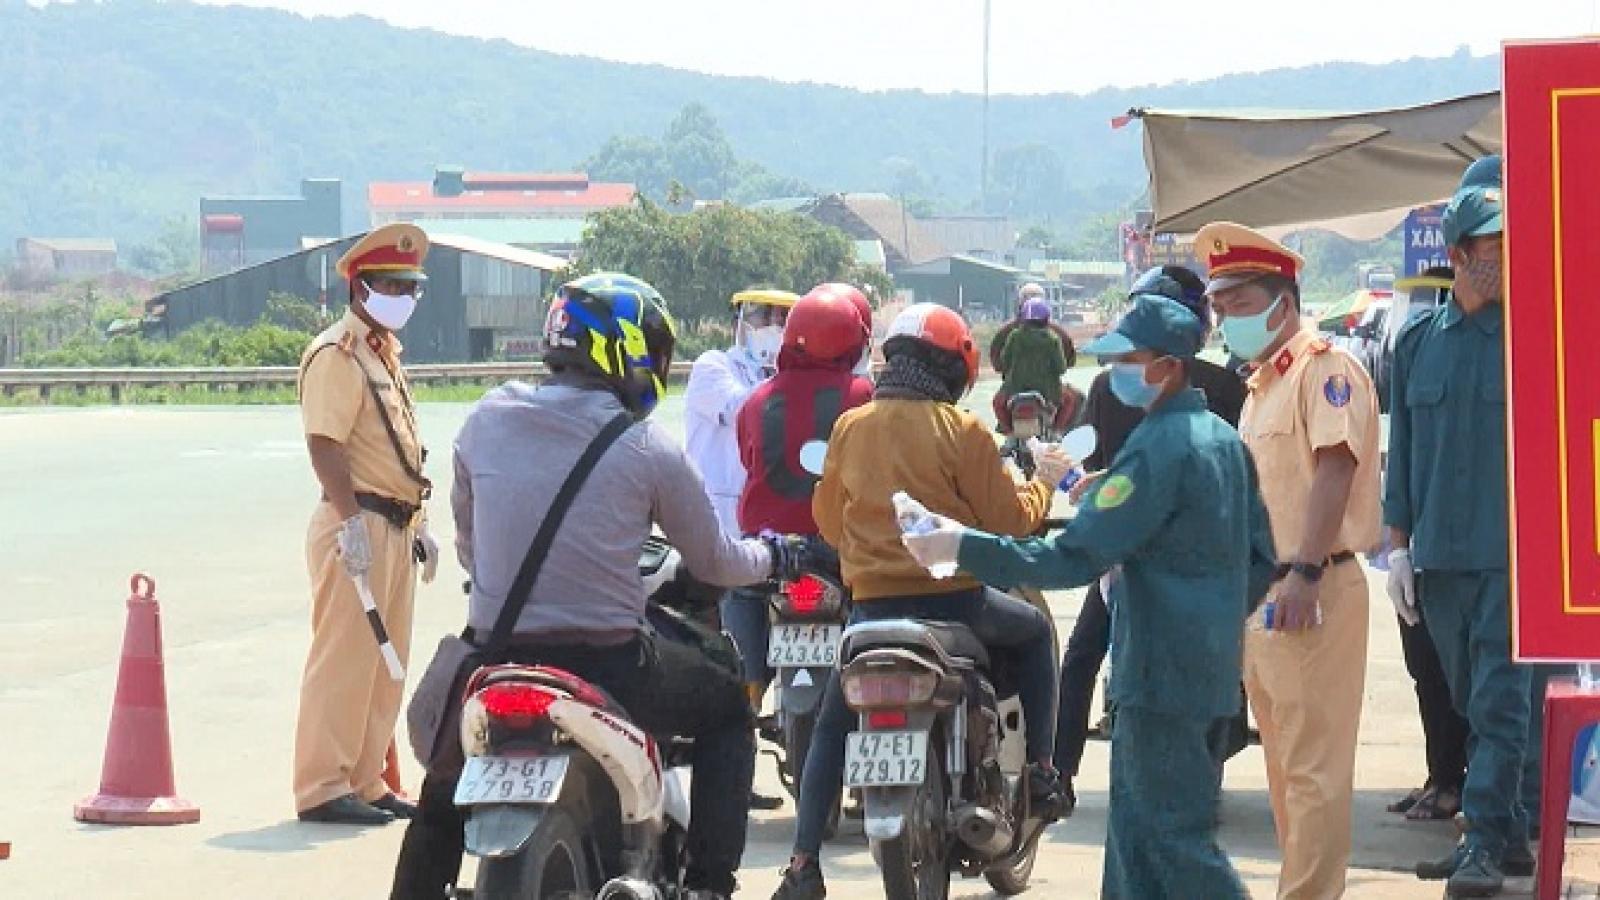 Đắk Nông lập chốt kiểm tra khai báo y tế, giám sát phòng chống dịch Covid-19 giáp tỉnh Đắk